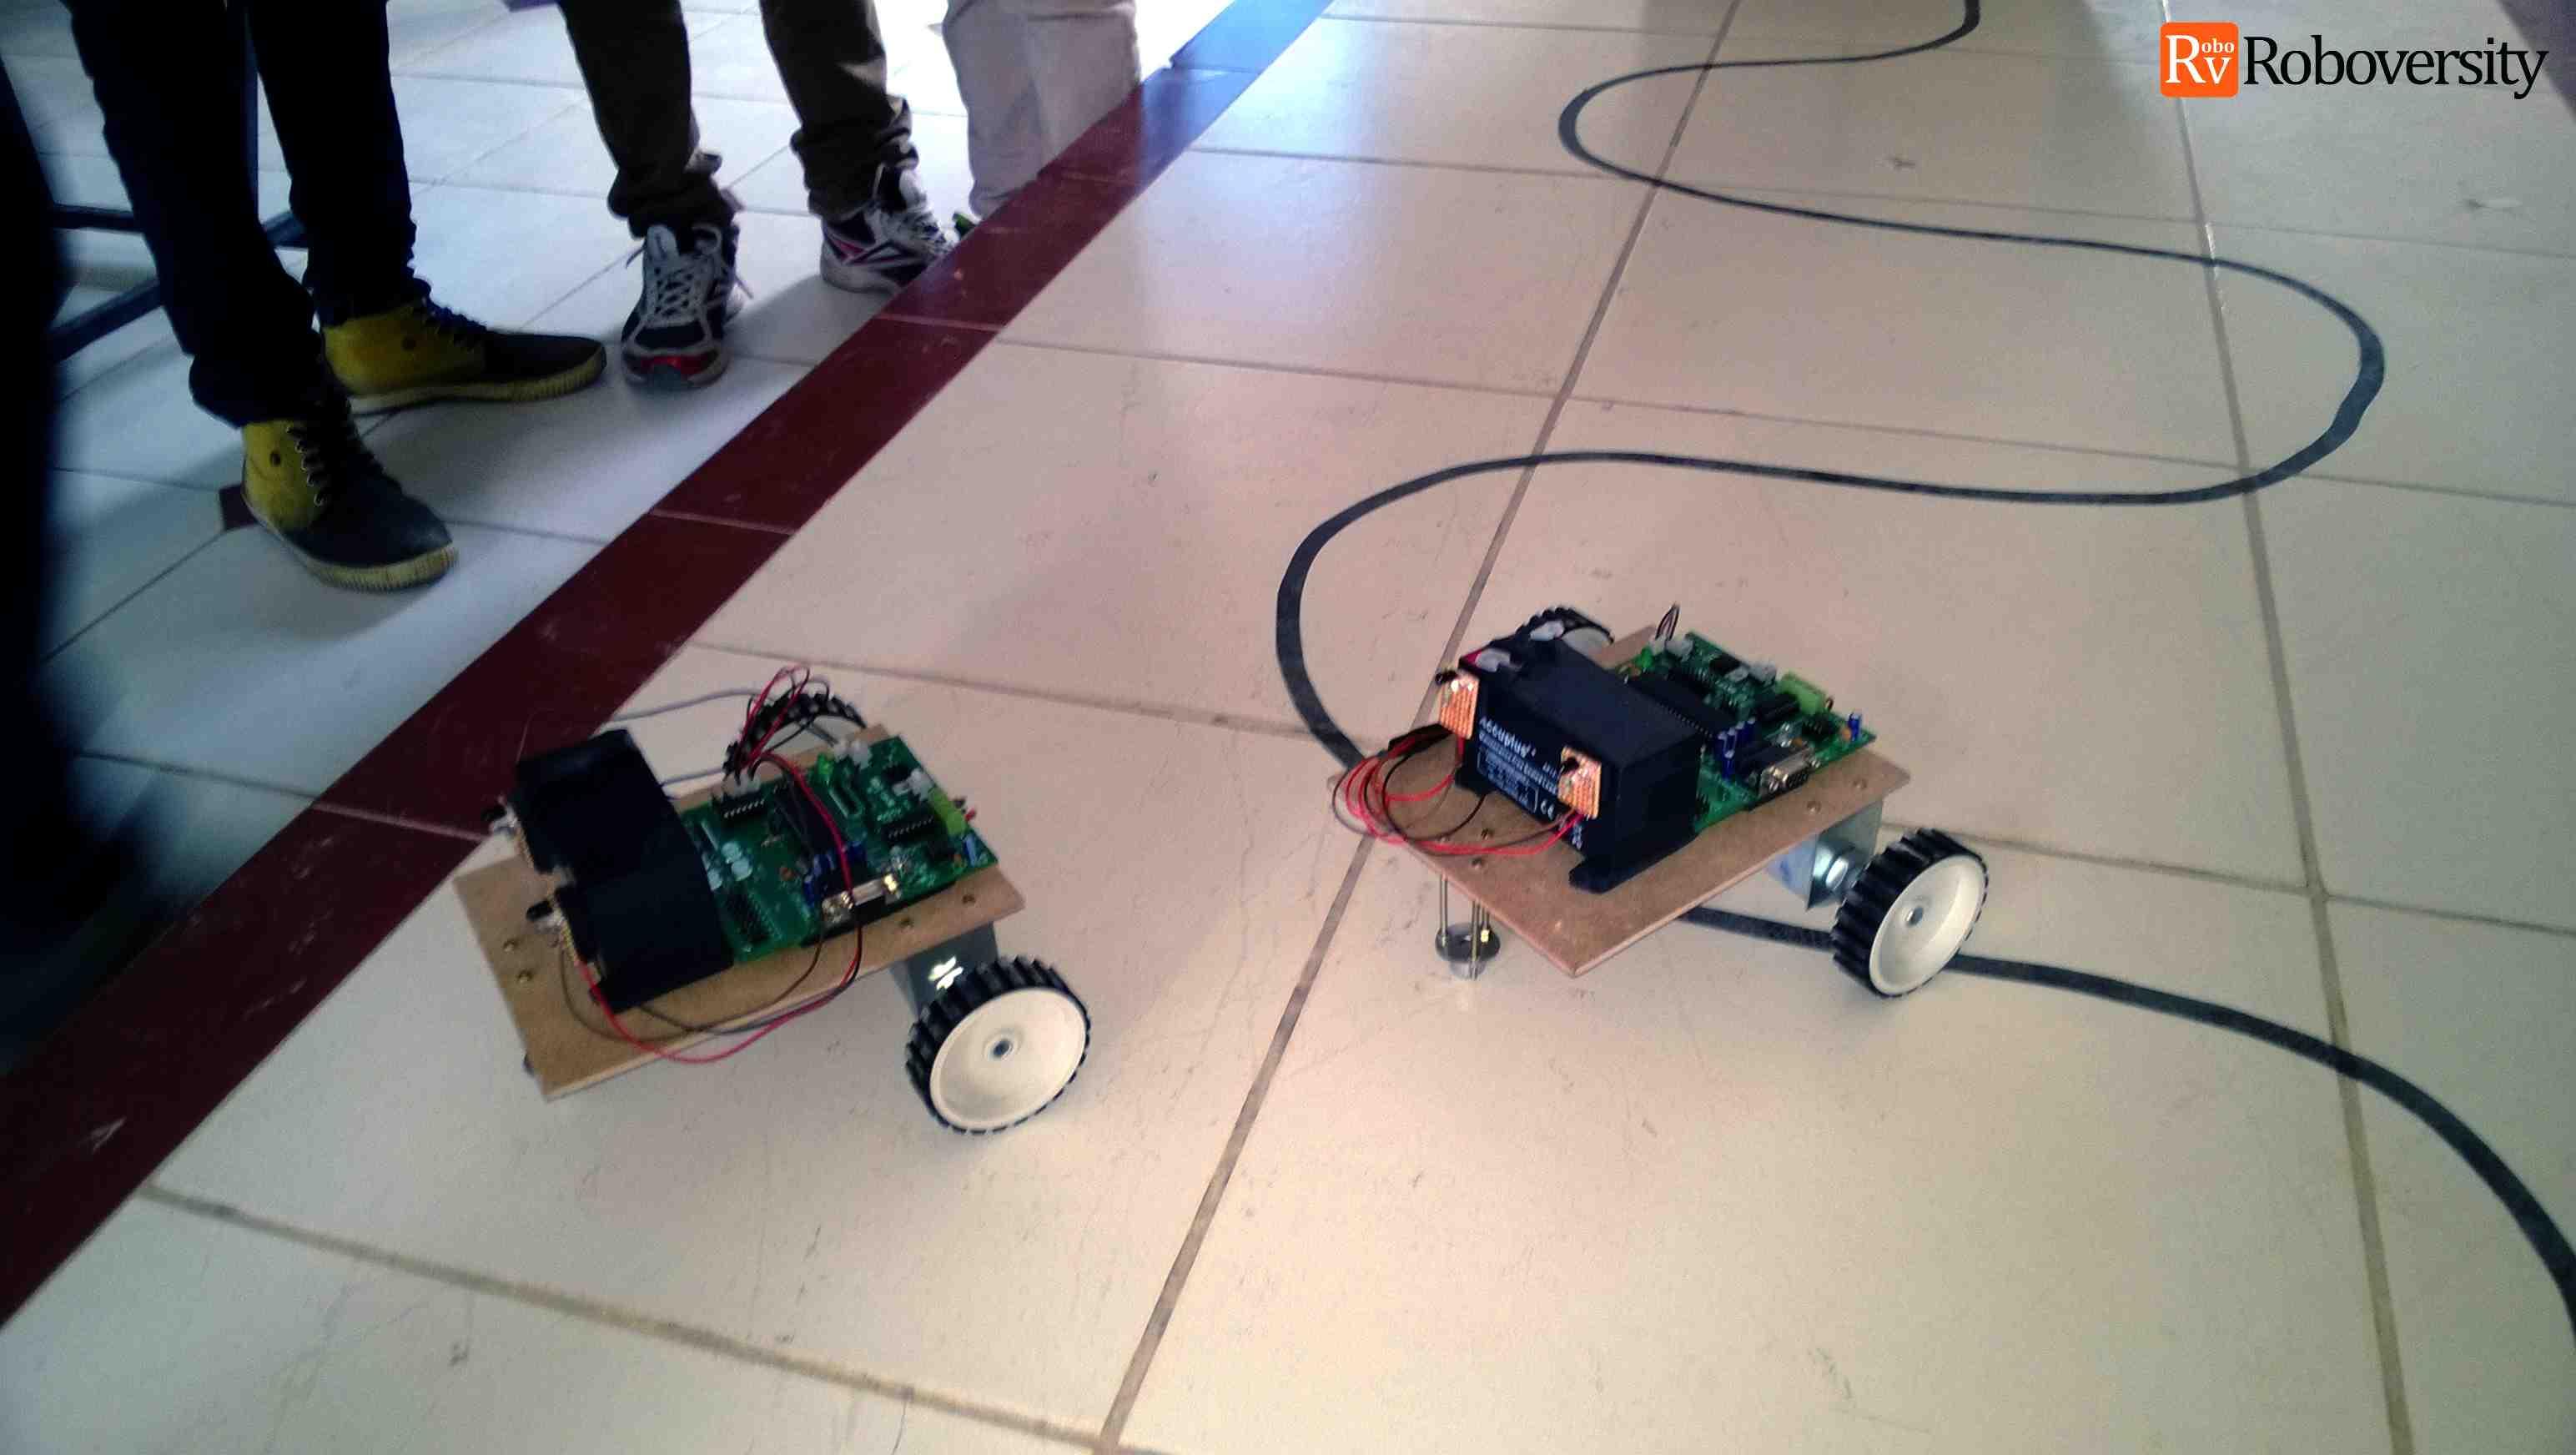 Robotics workshops in IITs